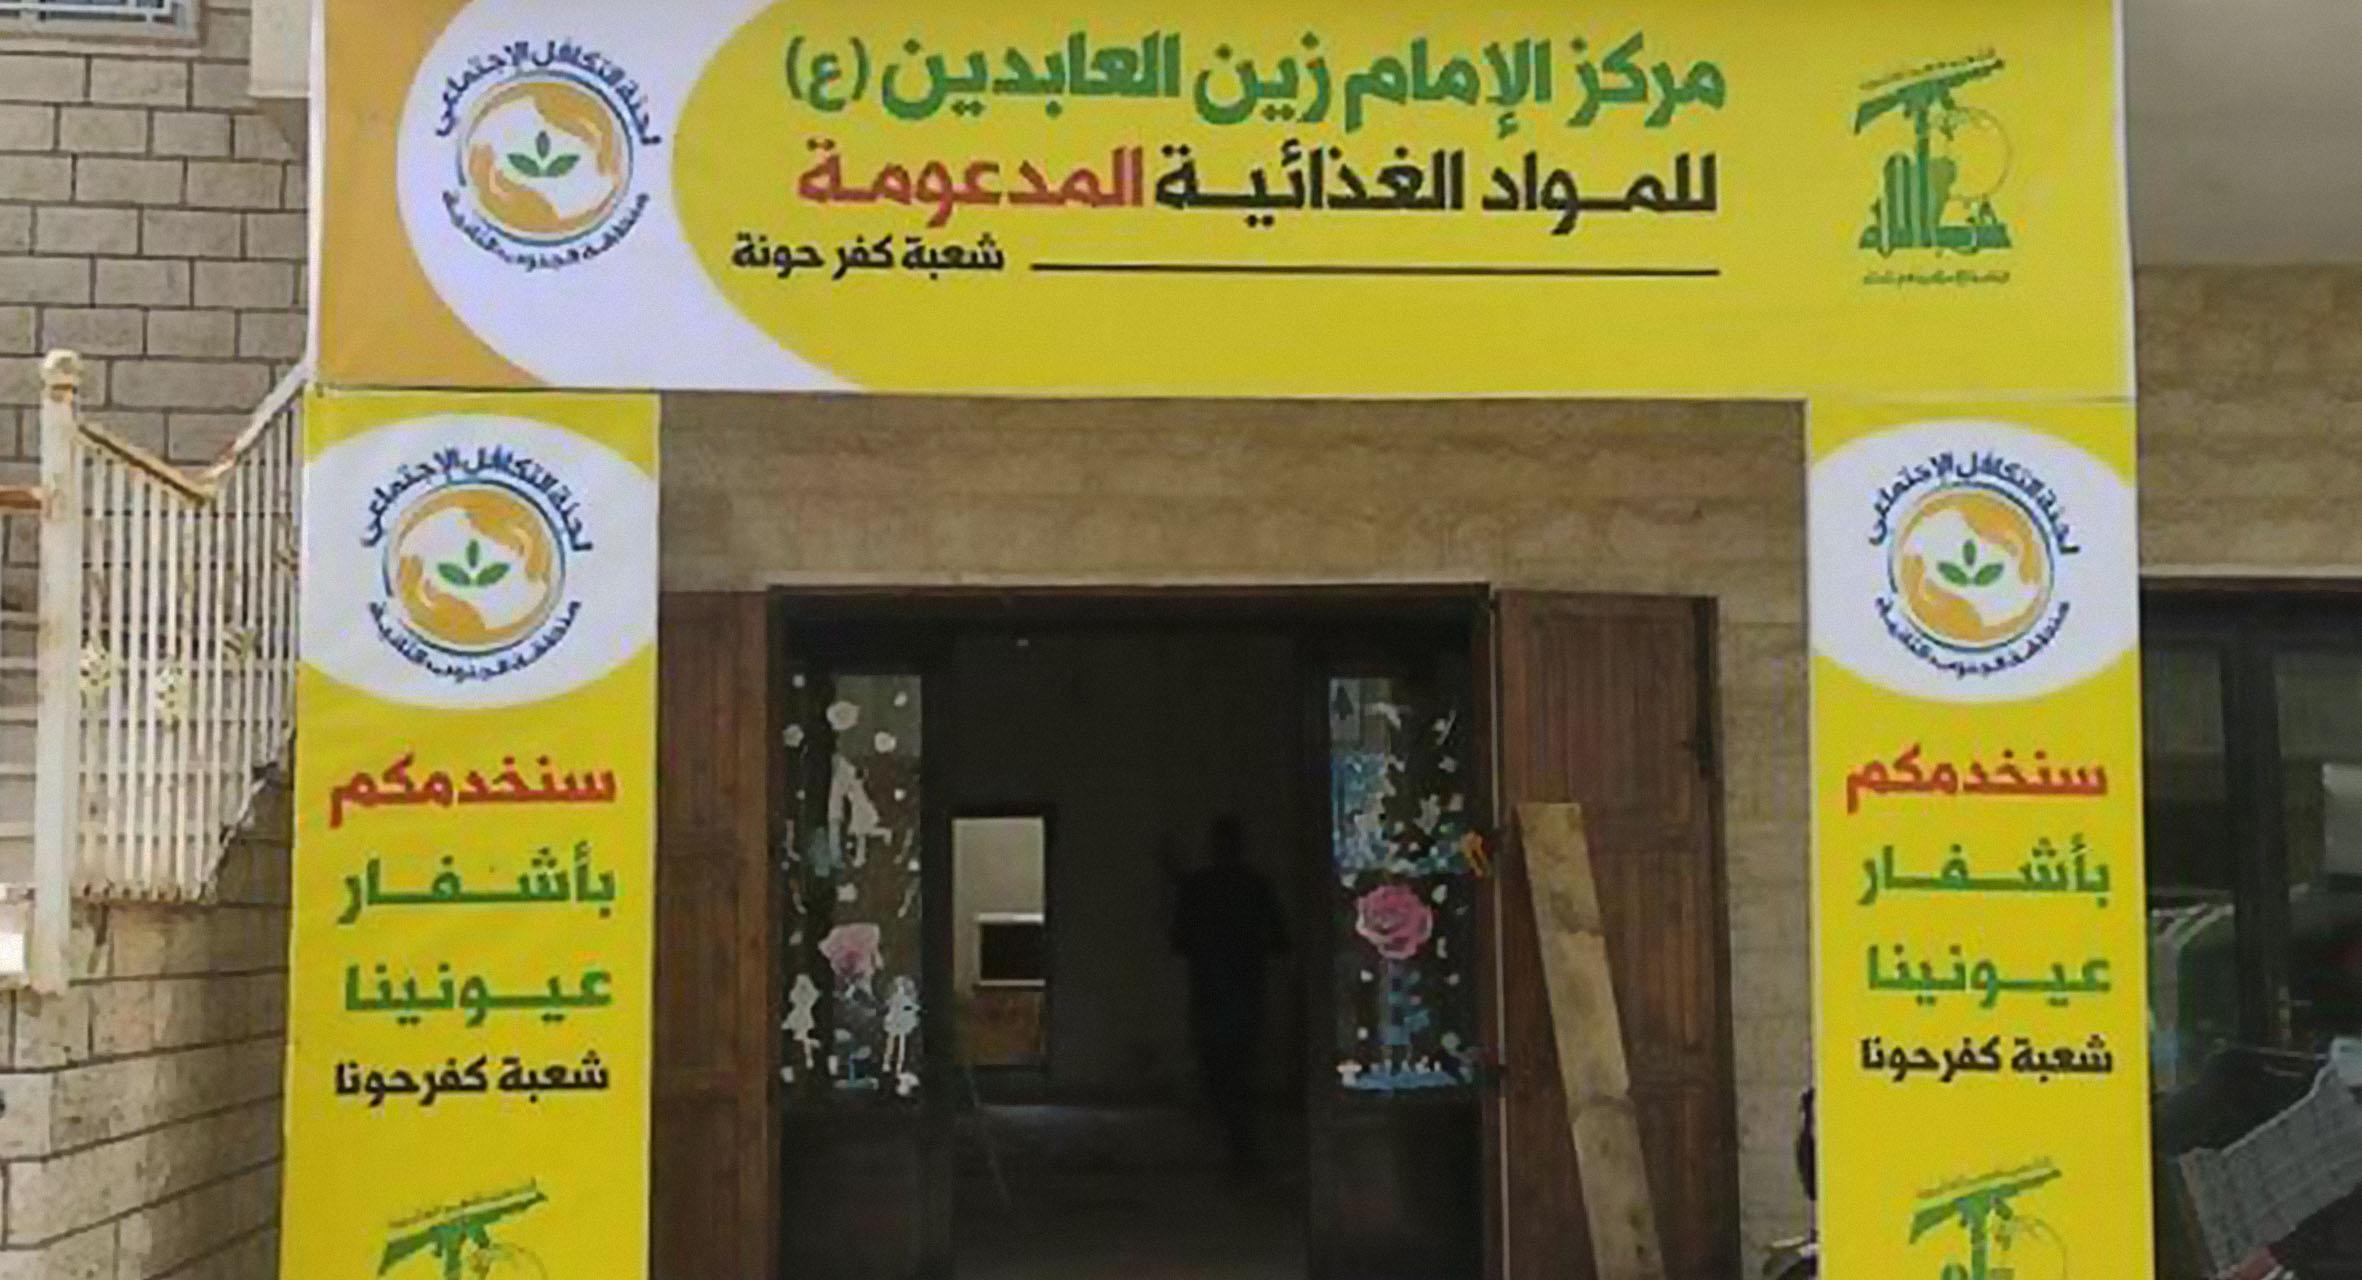 صورة حزب الله يختبر الاستقلال عن لبنان، ويُنشئ سوقاً موازياً لبضائعه